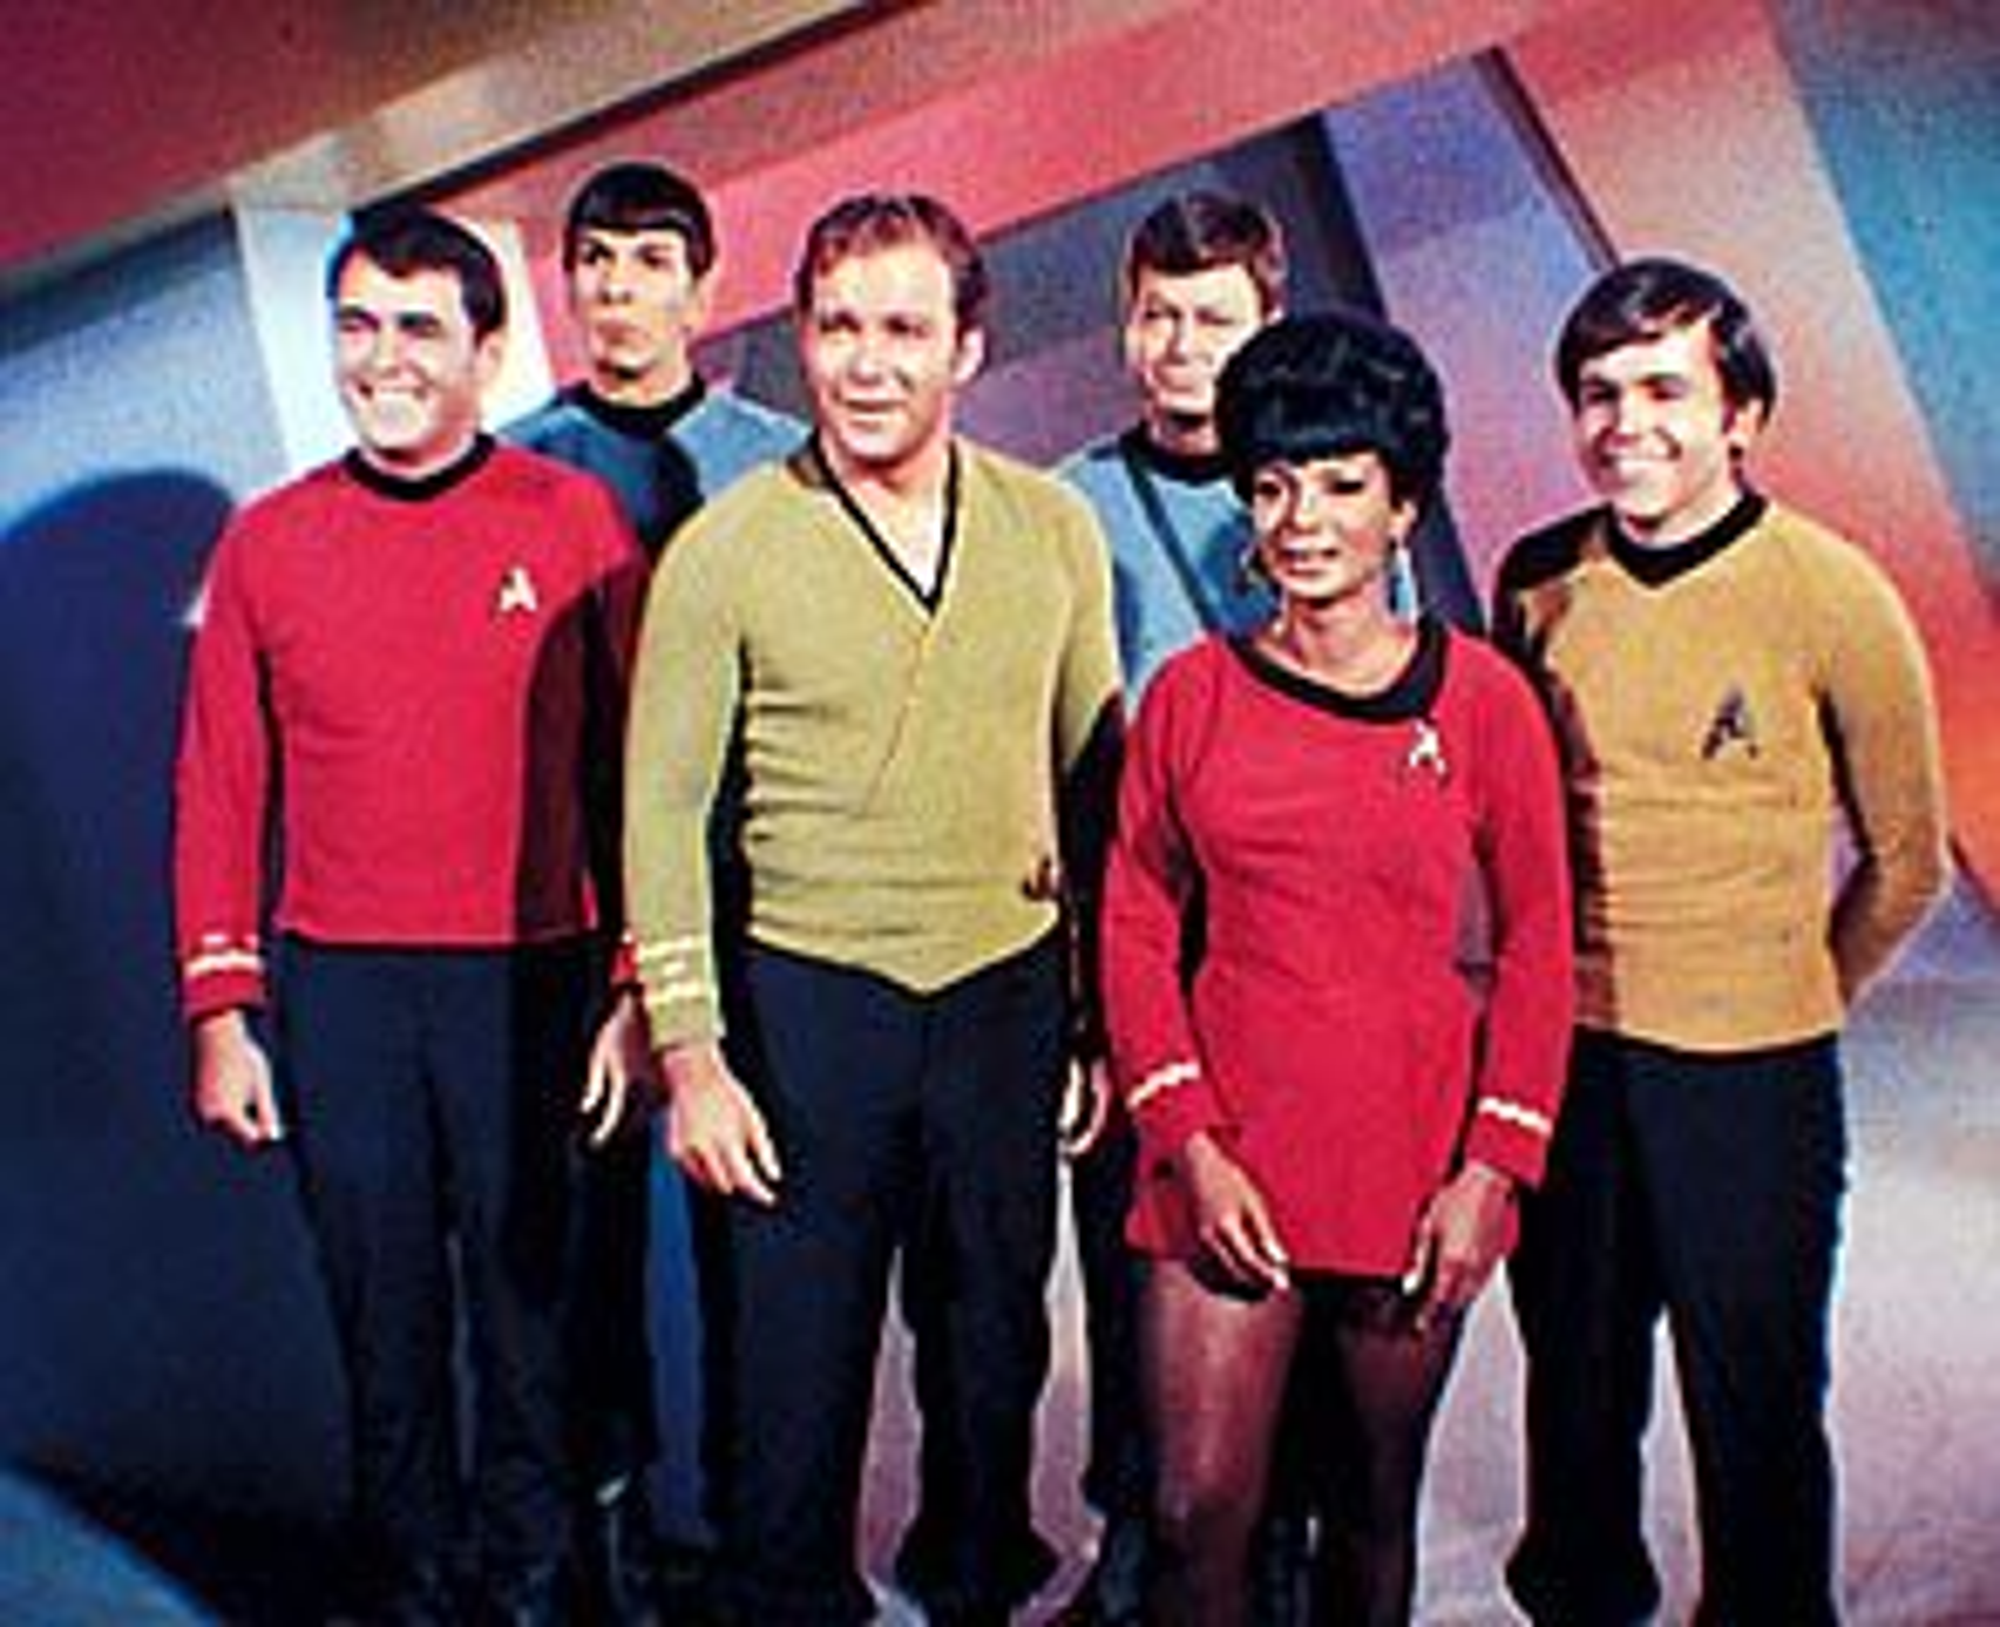 Kostymene og settene var kanskje latterlige etter dagens standard, men det var ikke historiene.